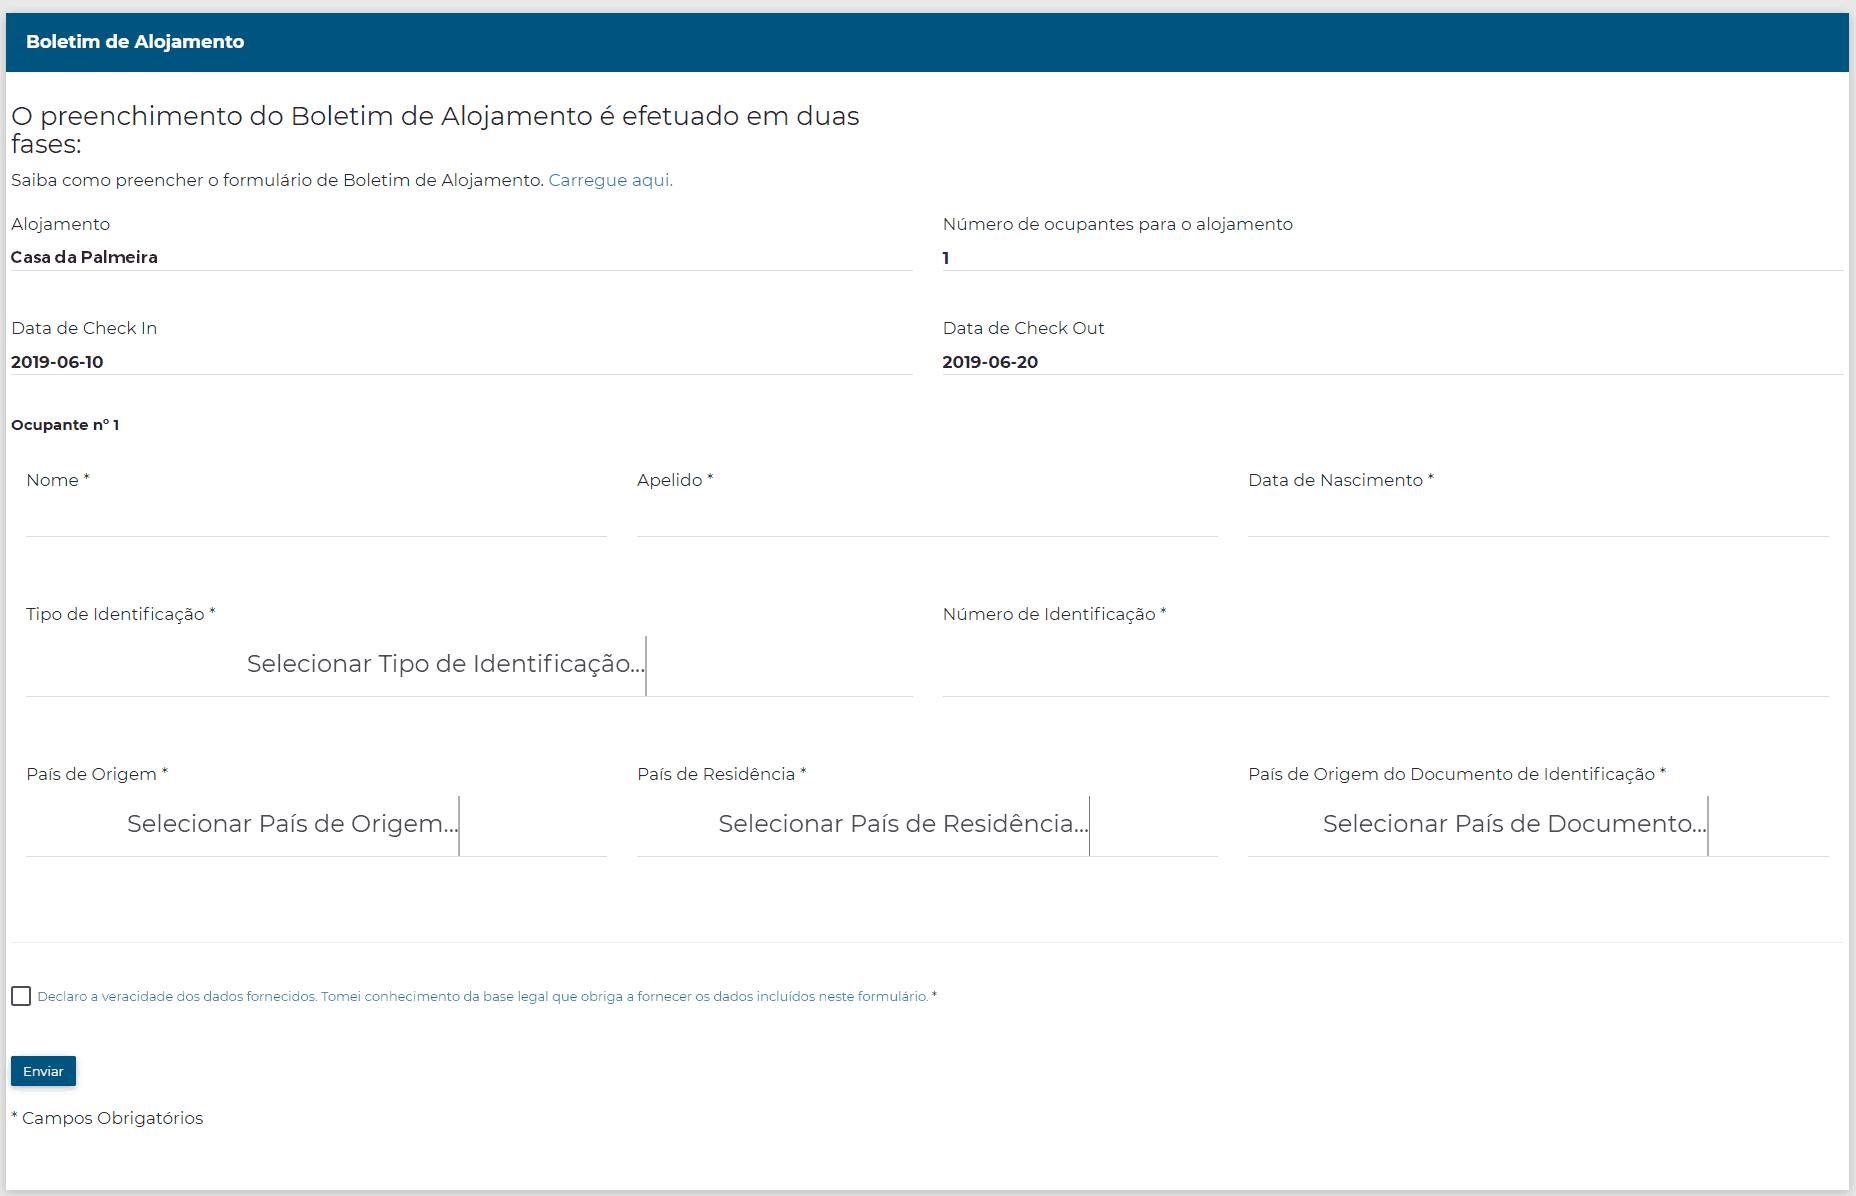 Boletim de Alojamento - tutorial 2 fase